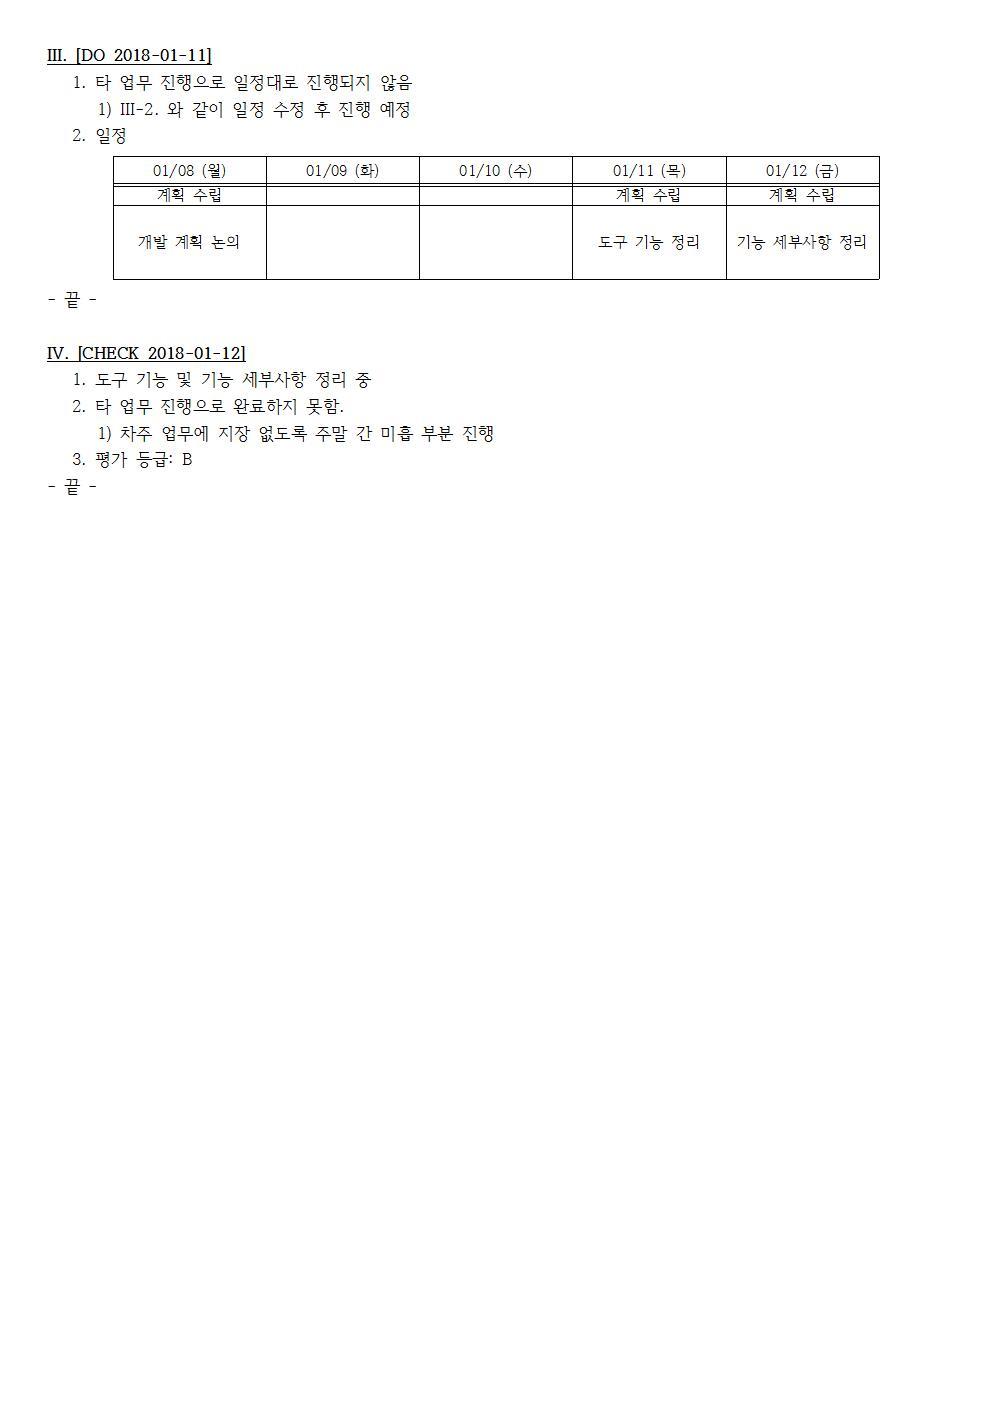 D-[18-003-RD-03]-[SRRE]-[2018-01-12][JS]002.jpg